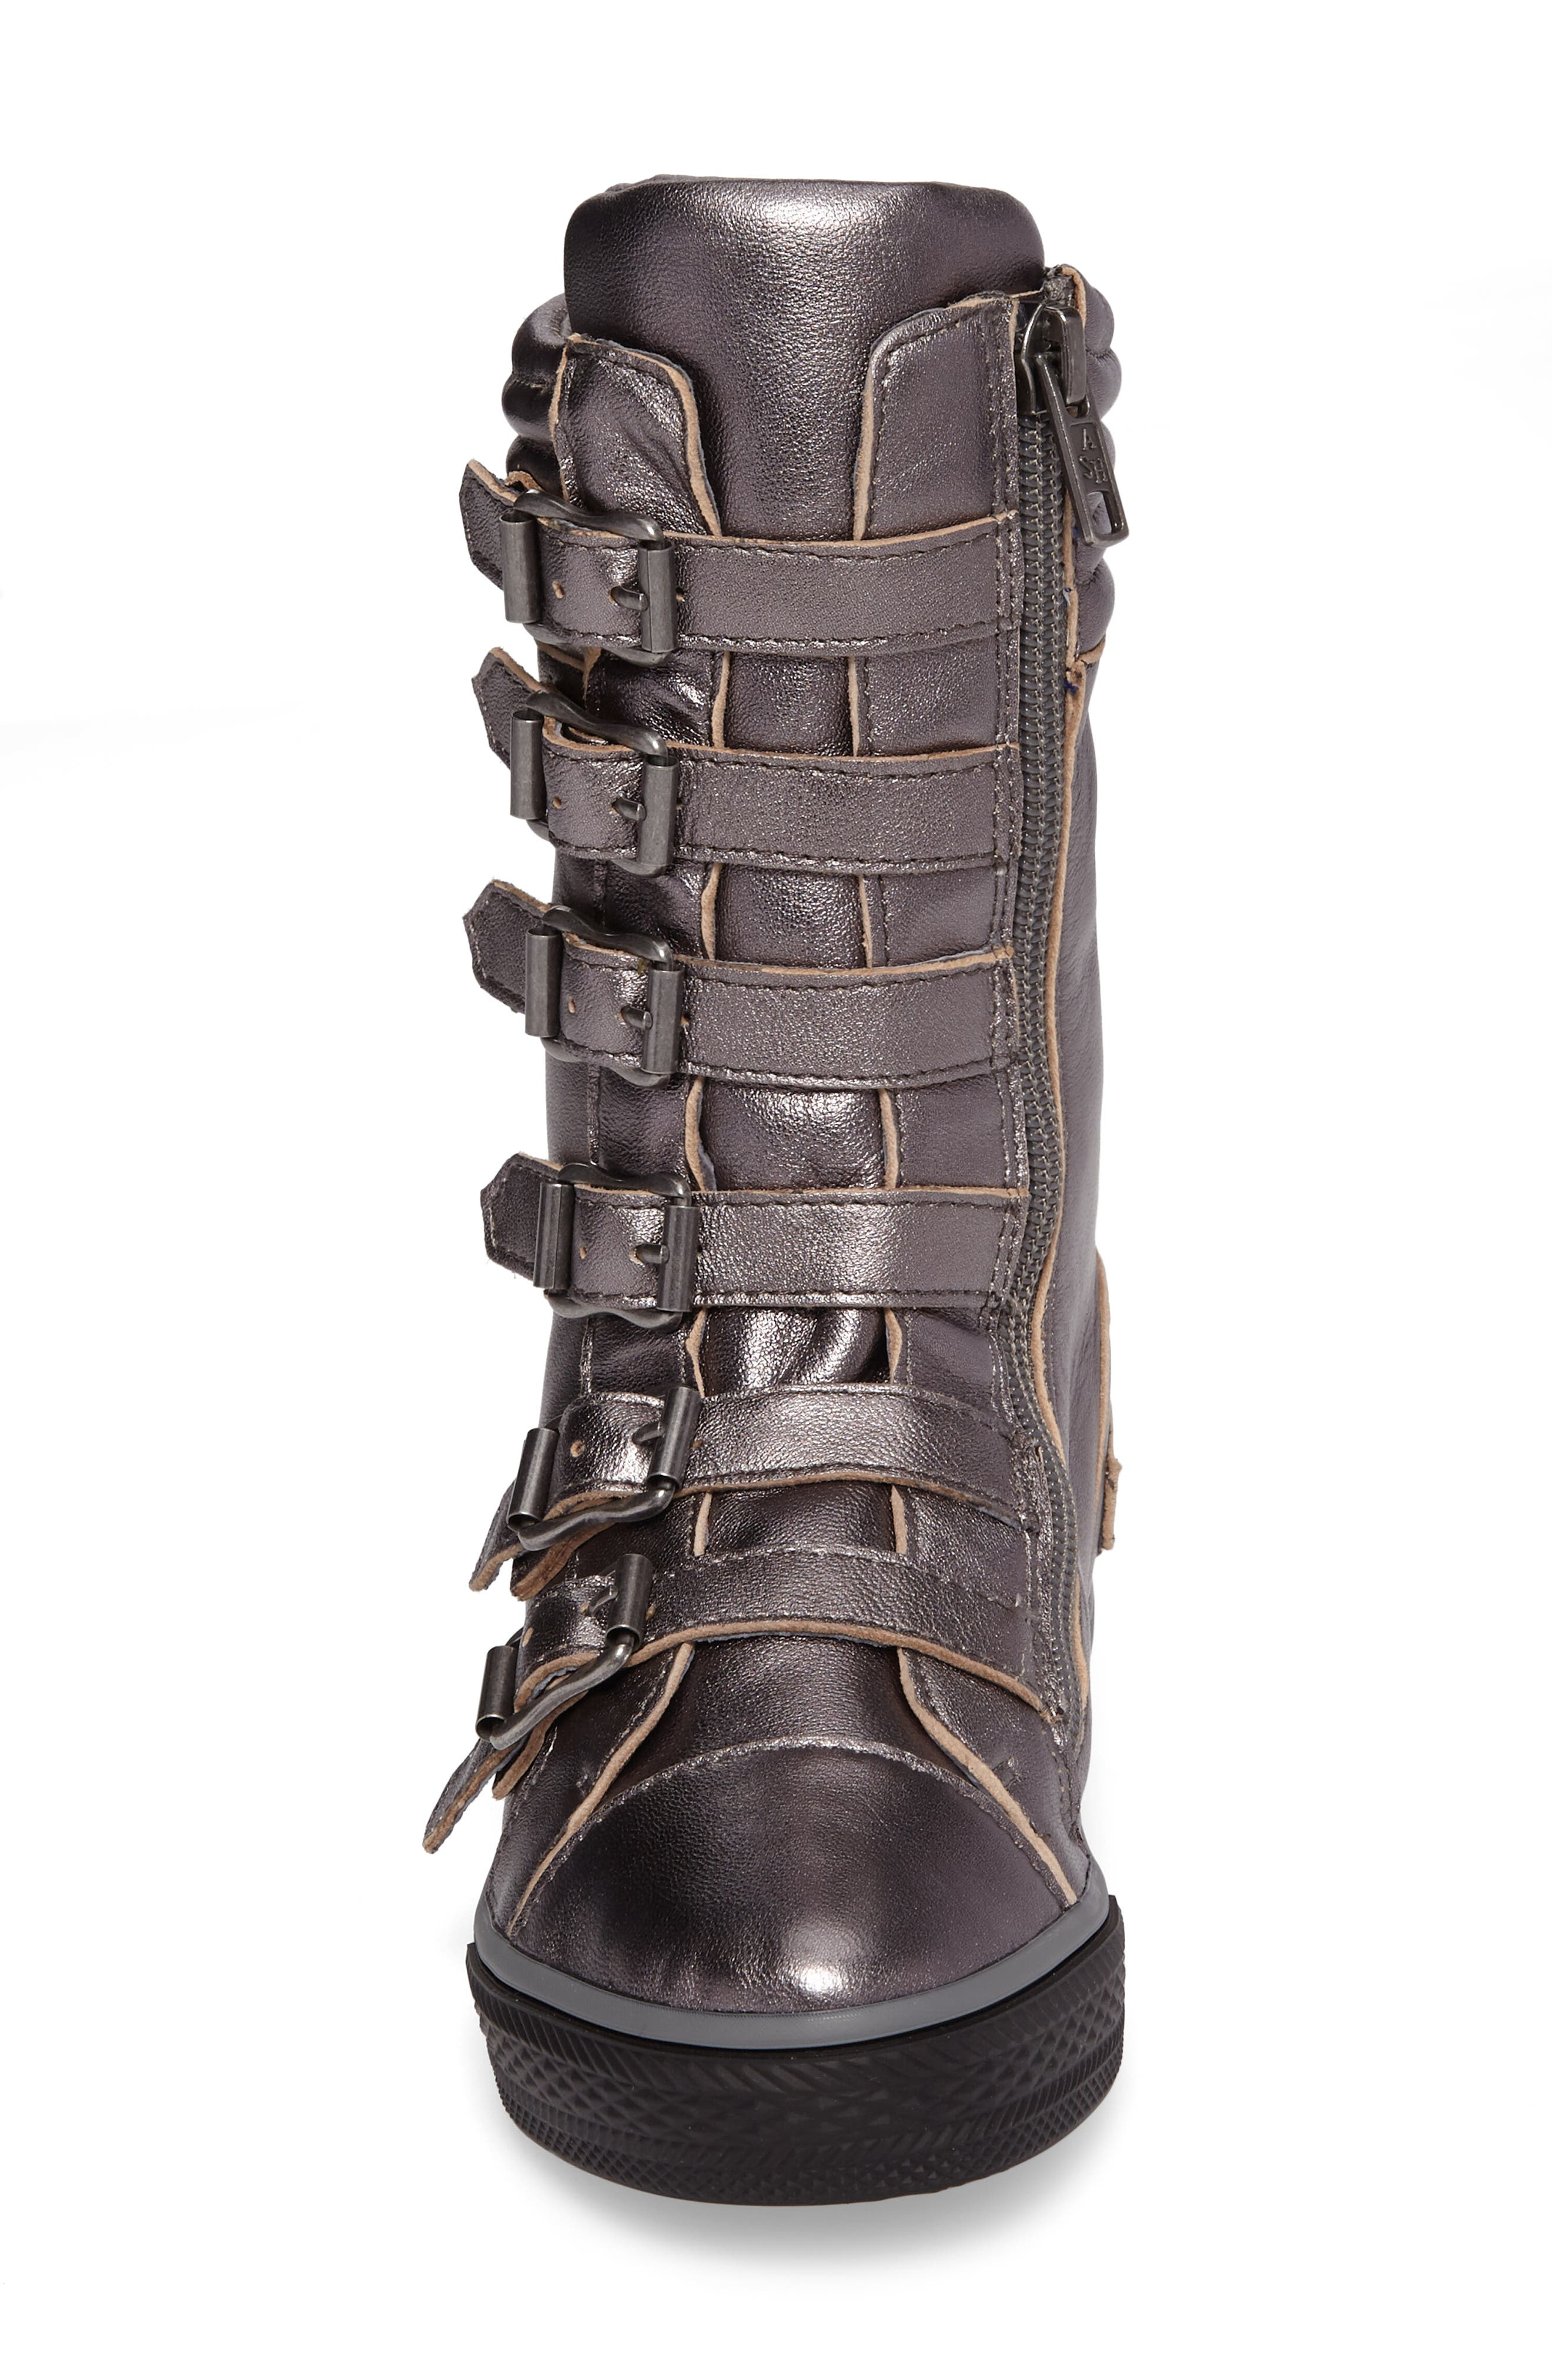 Vava Natalie Tall Sneaker Boot,                             Alternate thumbnail 4, color,                             040